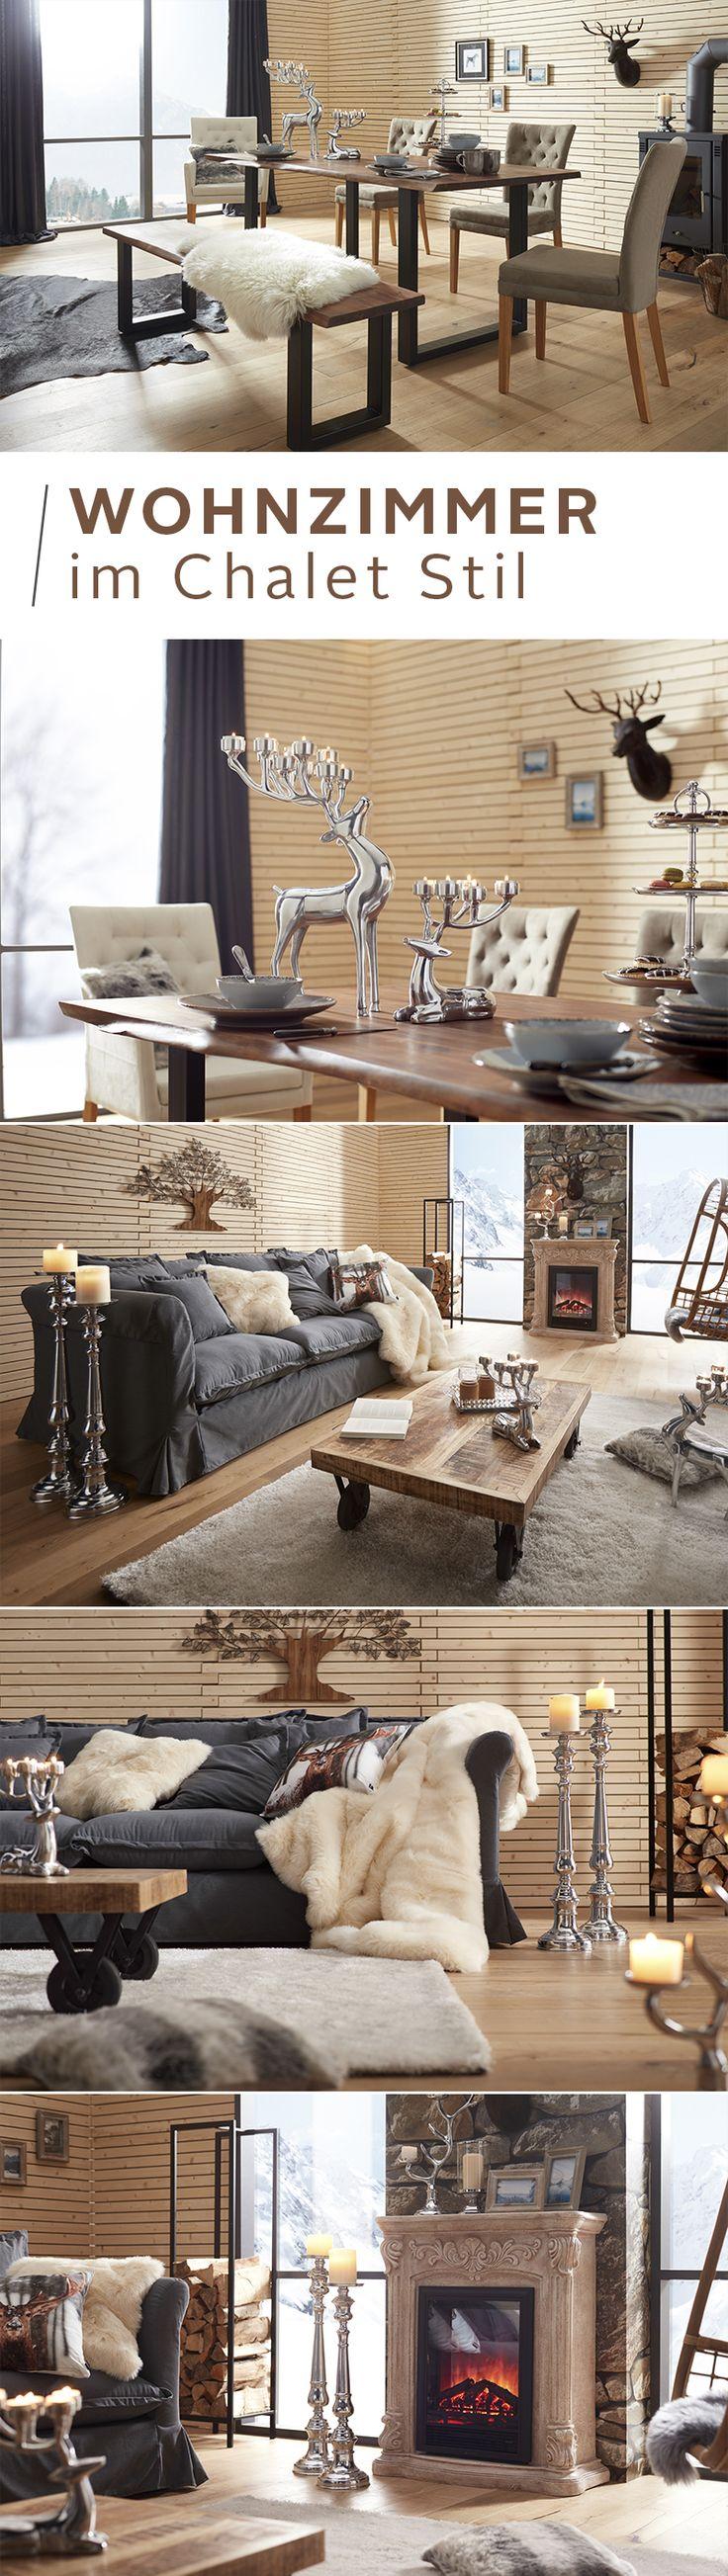 erst mal kannst du dir ja dein zuhause in dem angesagten landhaus stil einrichten ob hirschgeweih massive mbel ein kuscheliges sofa oder die passende - Einfache Dekoration Und Mobel Esszimmer Im Landhausstil